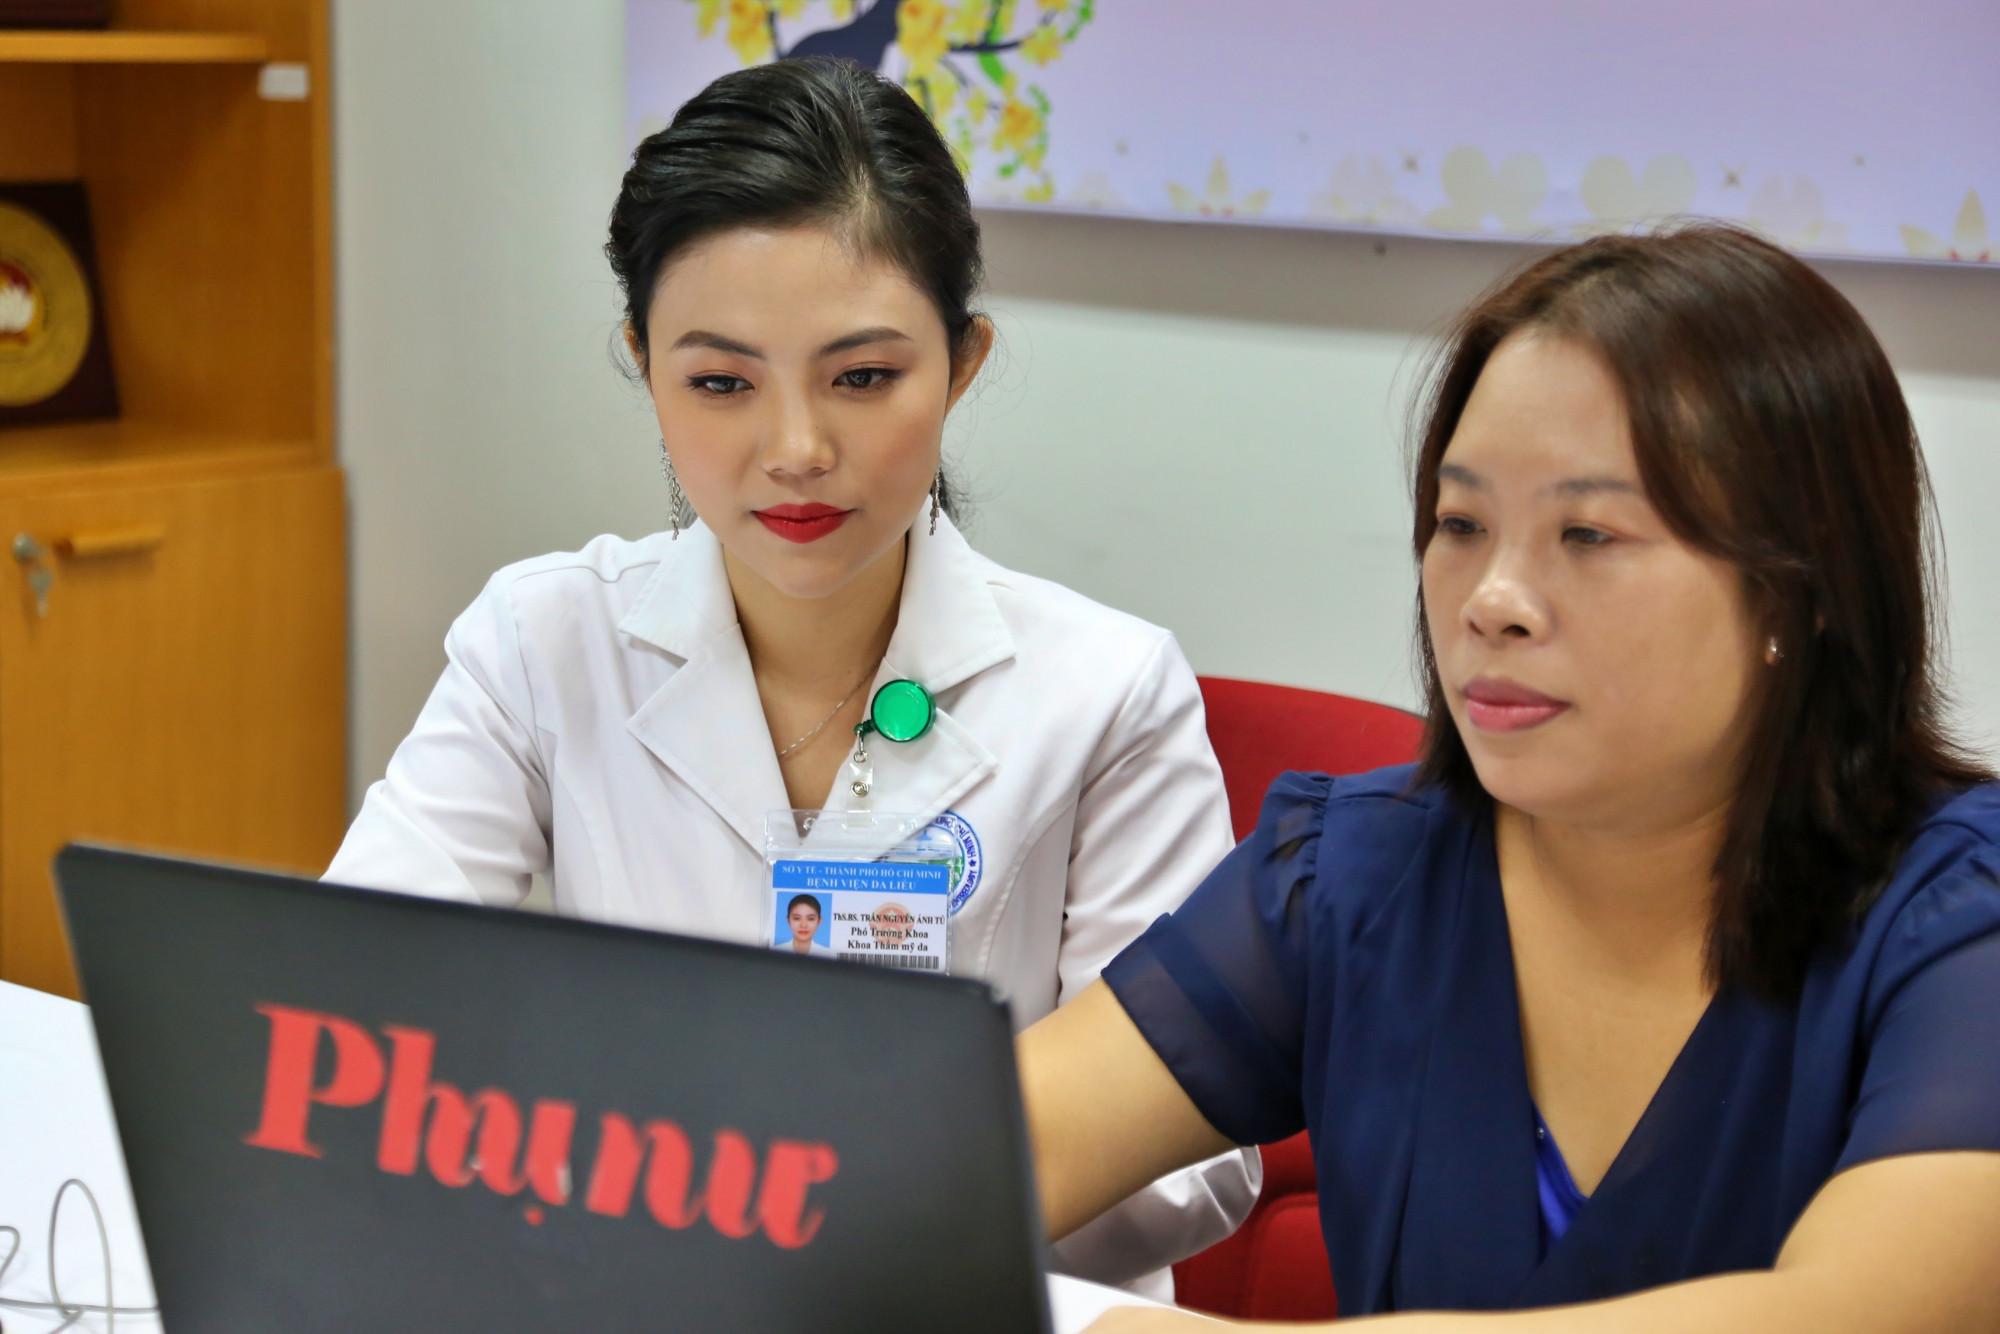 thạc sĩ - bác sĩ Trần Nguyên Ánh Tú - Phó trưởng khoa Thẩm mỹ da - Bệnh viện Da Liễu TP.HCM trả lời giao lưu trực tuyến